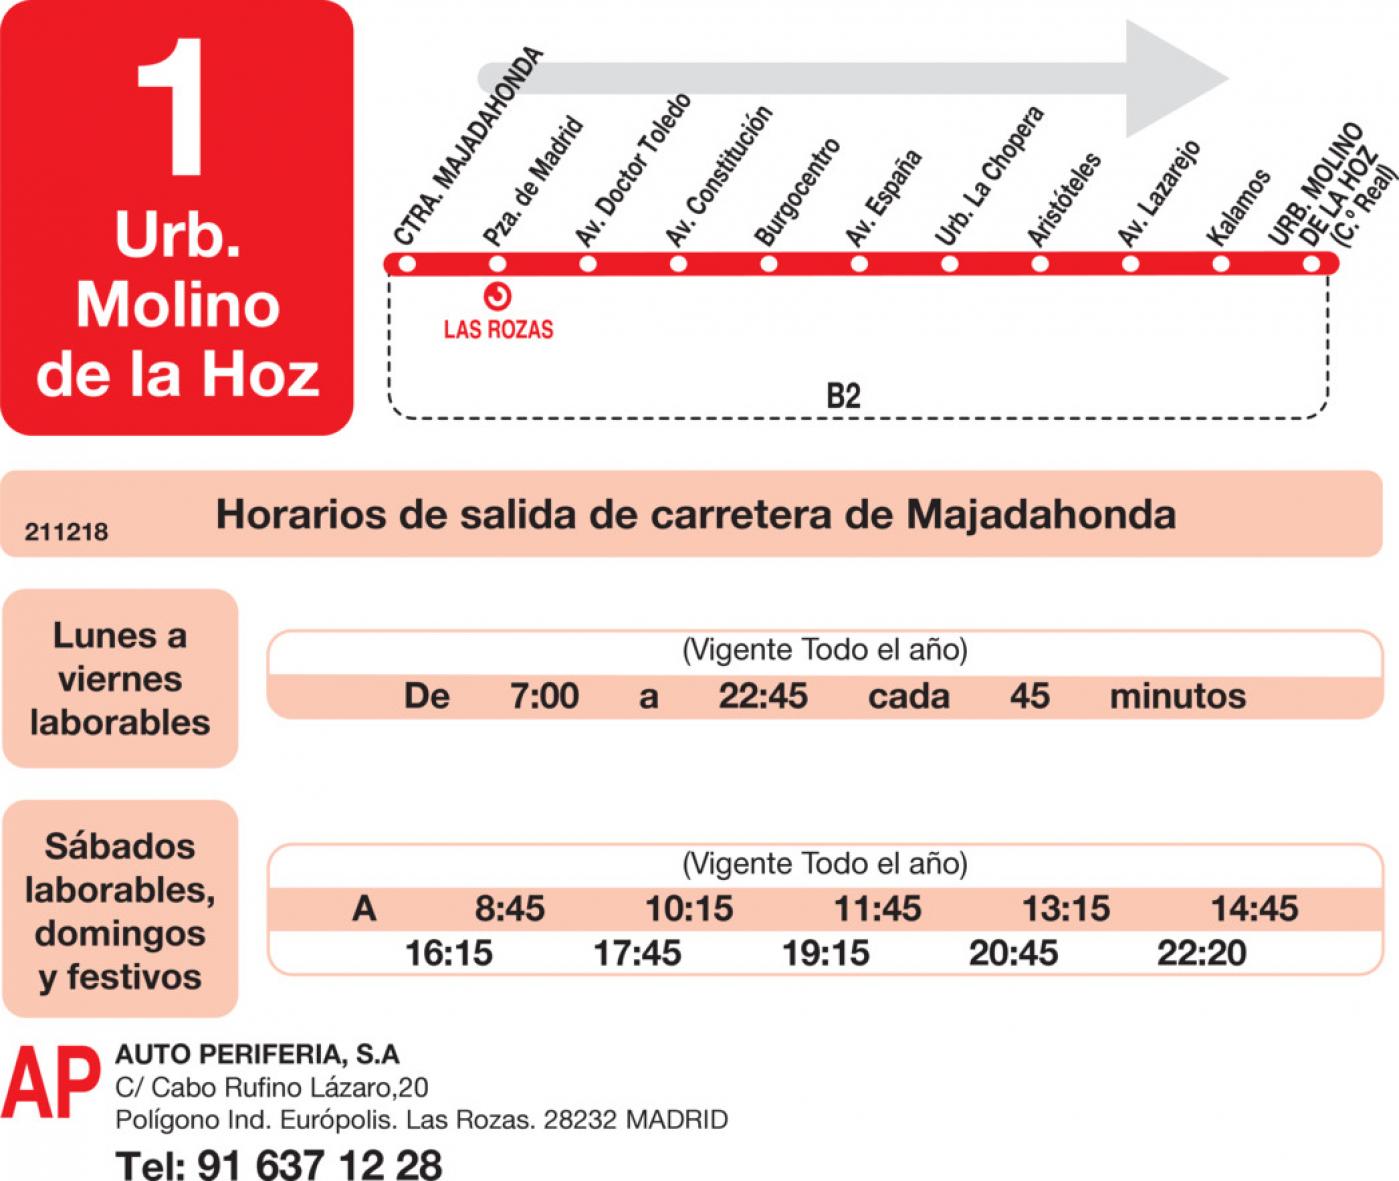 Tabla de horarios y frecuencias de paso en sentido ida Línea L-1 Las Rozas: Las Rozas - Urbanización Molino de la Hoz